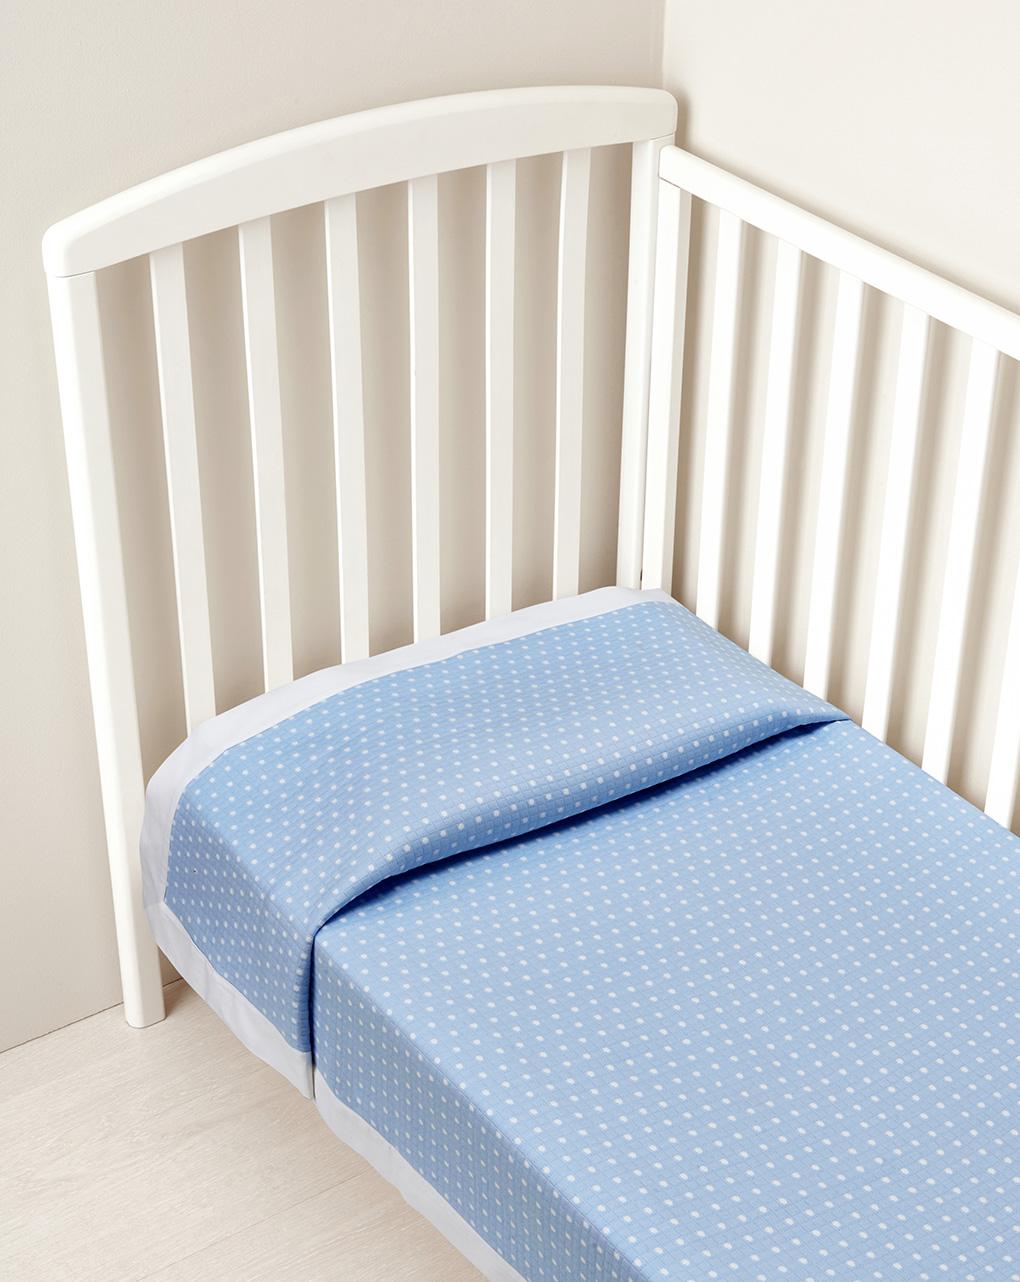 Καλοκαιρινή Κουβέρτα Jersey για κρεβάτι - 100×120 εκ.